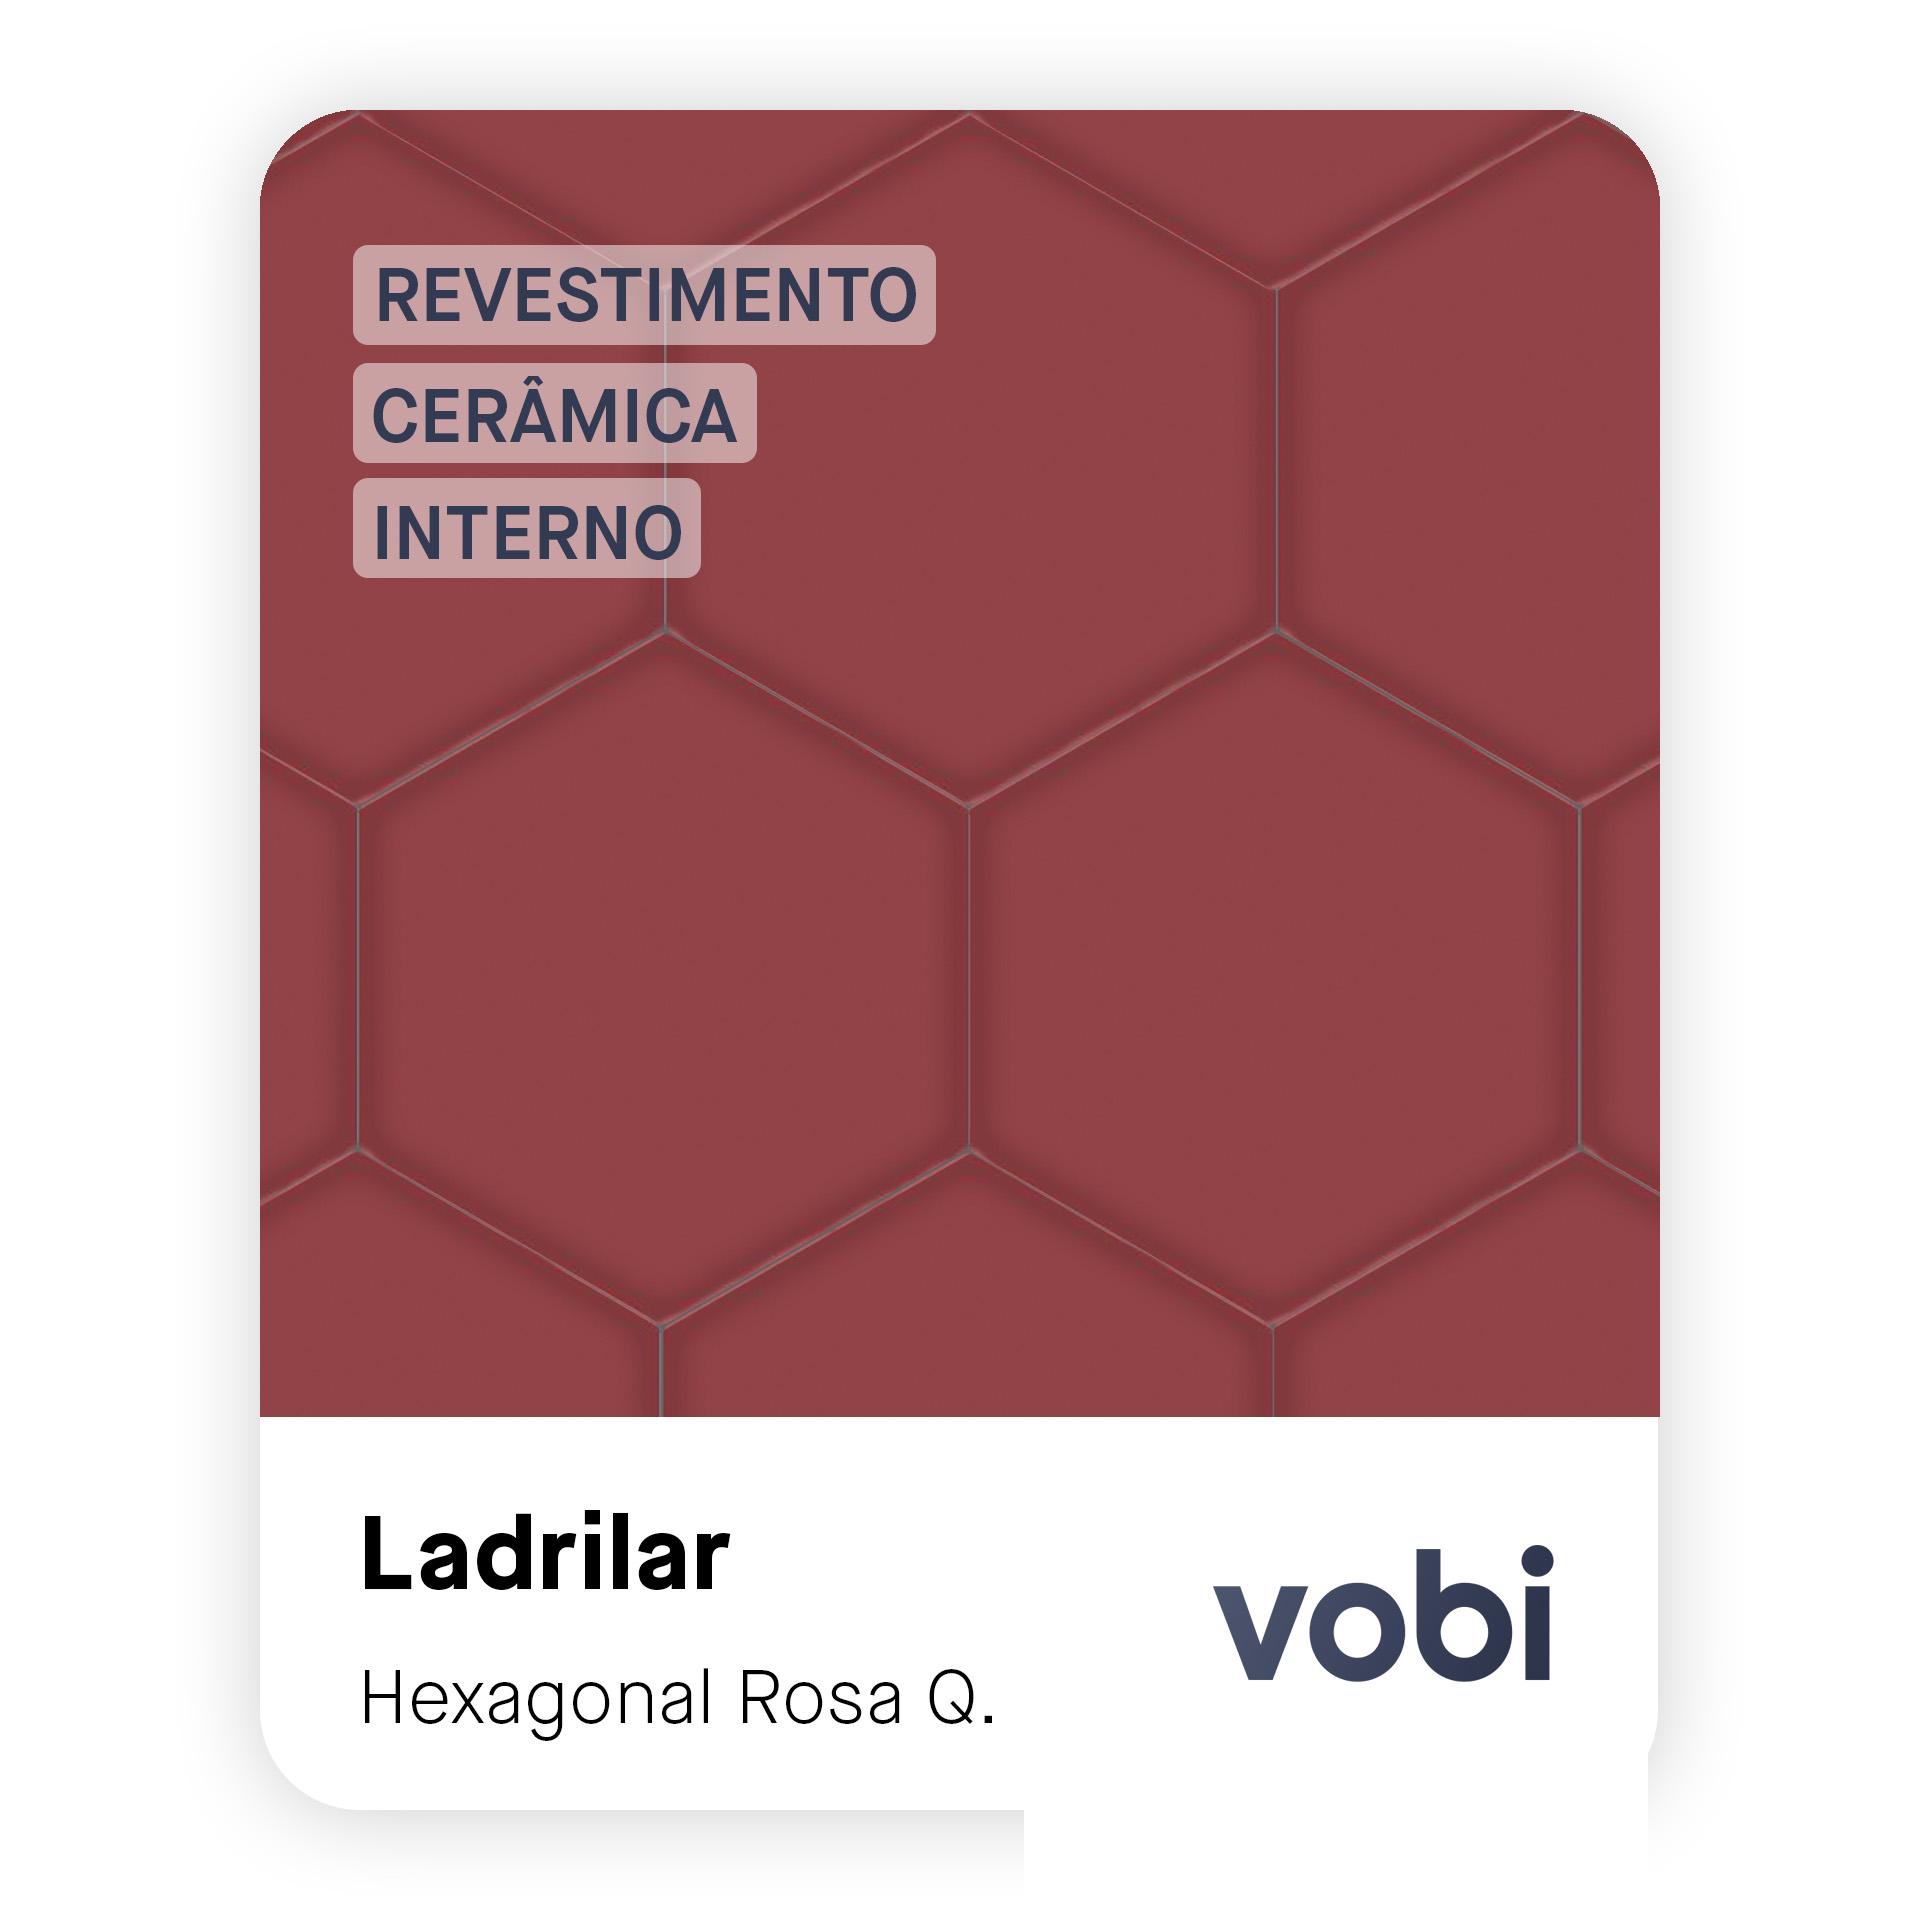 revestimento cerâmica hexagonal rosa interno